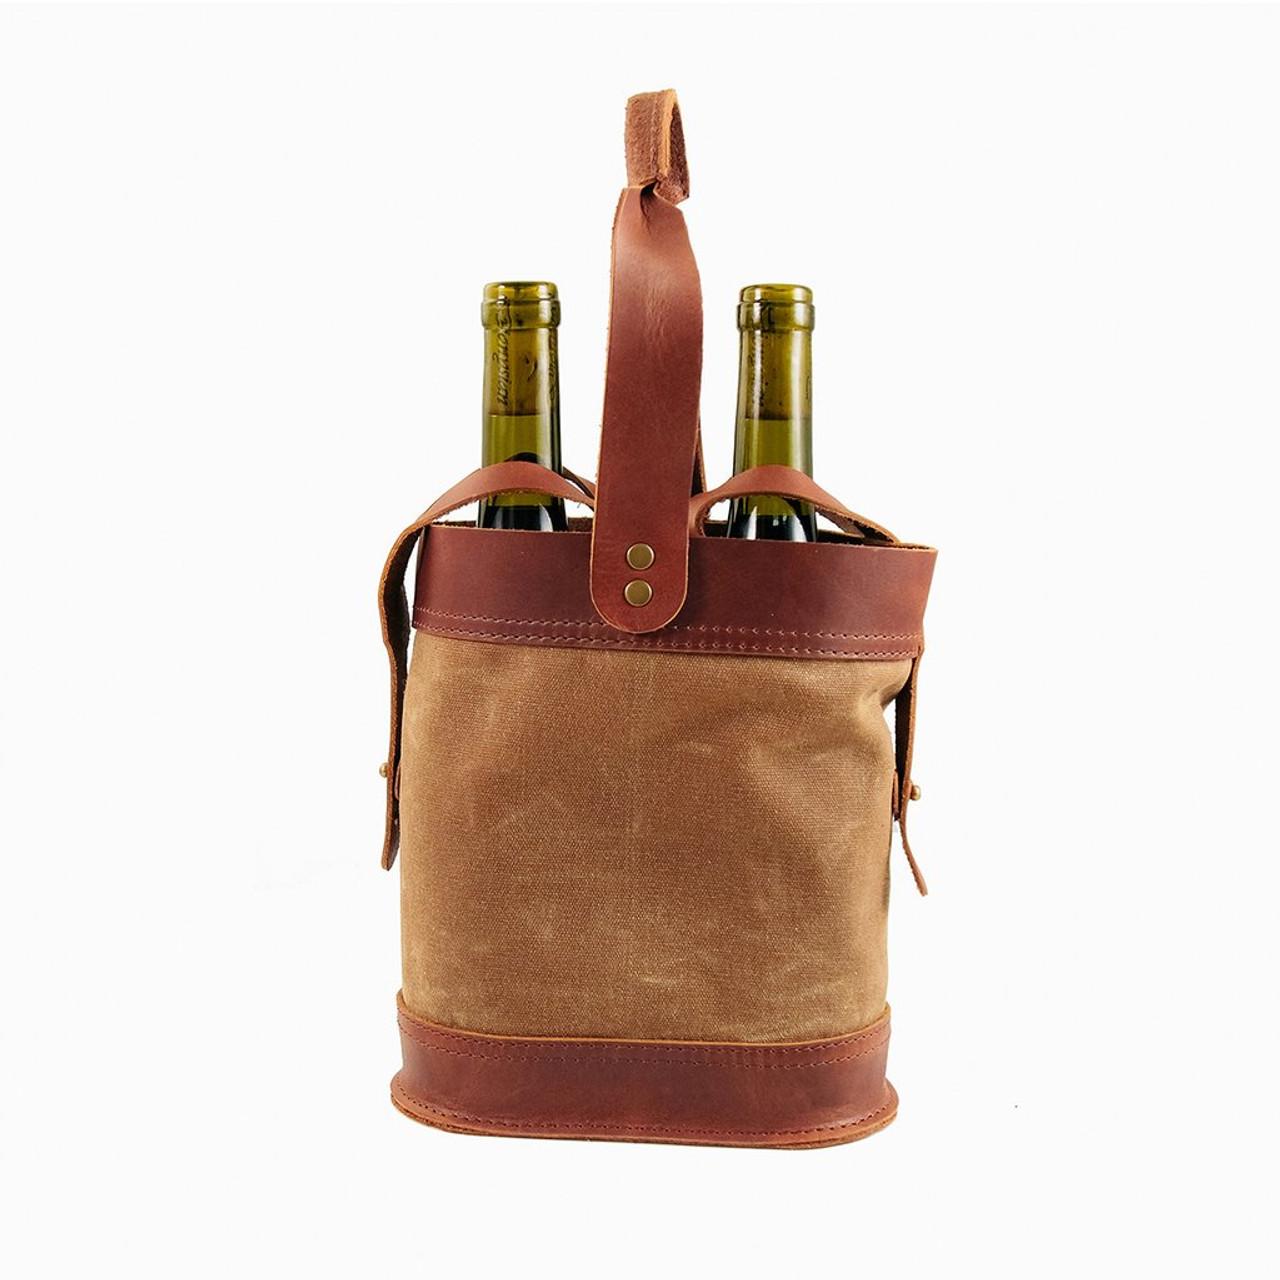 Napa Double Wine Tote - Personalizable